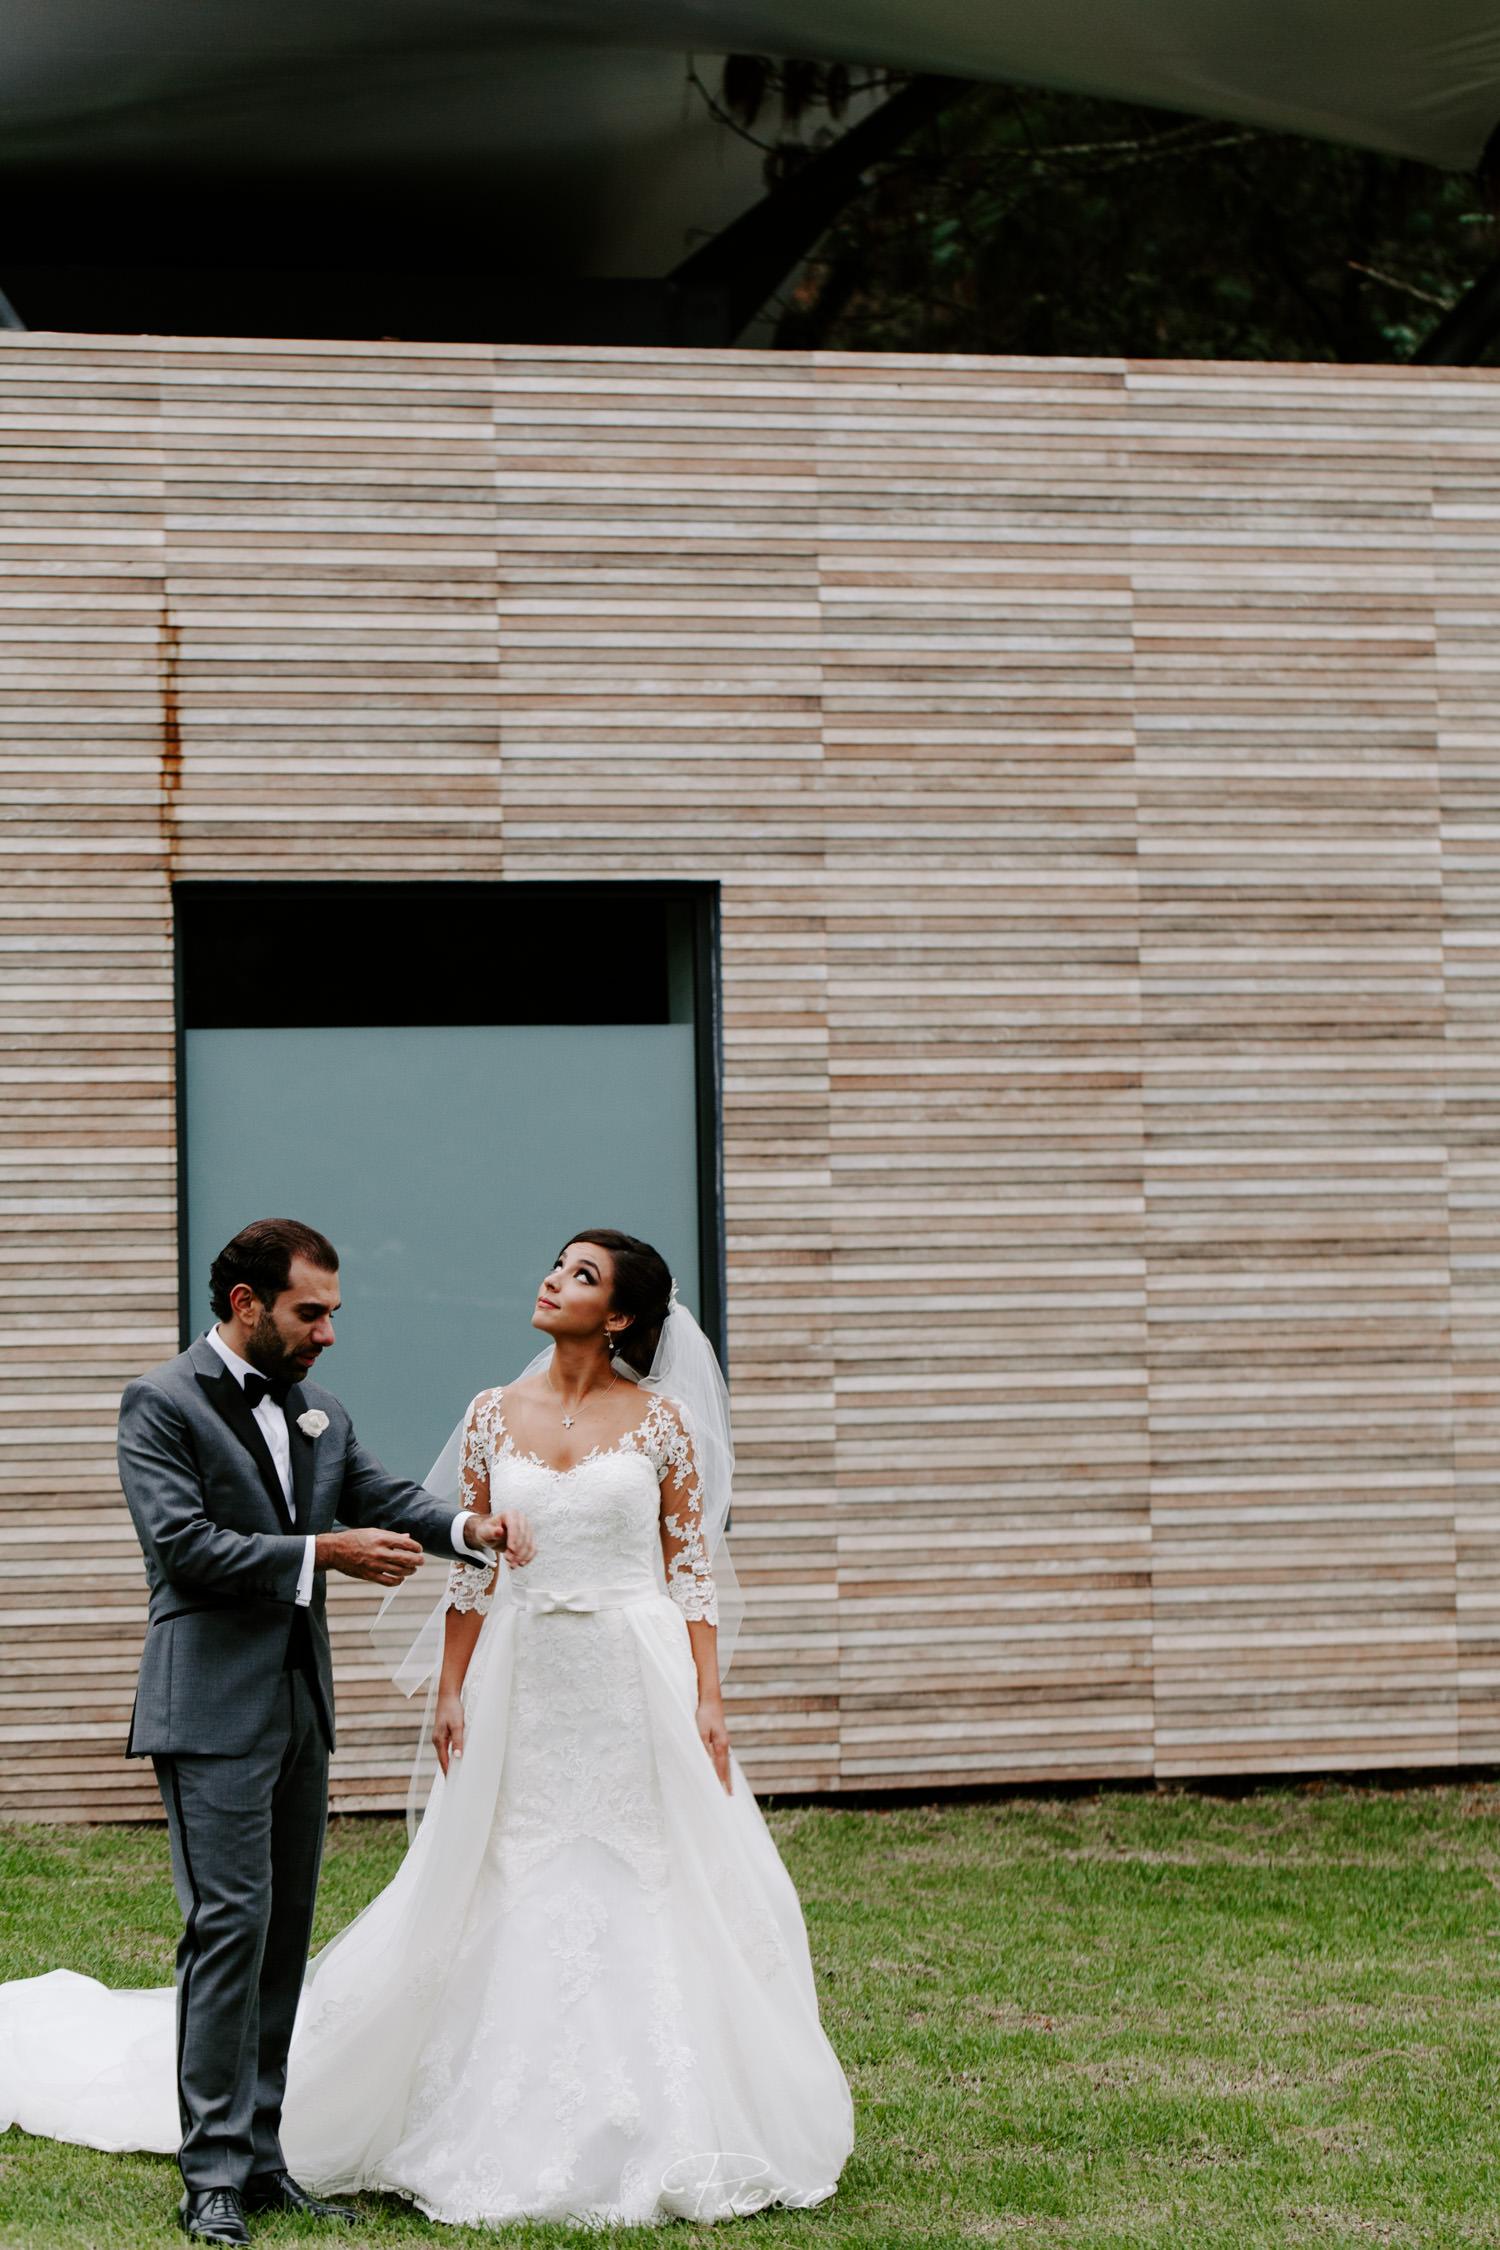 fotografia-de-boda-valle-de-bravo-mexico-rosmarino-pierce-weddings-0253.JPG